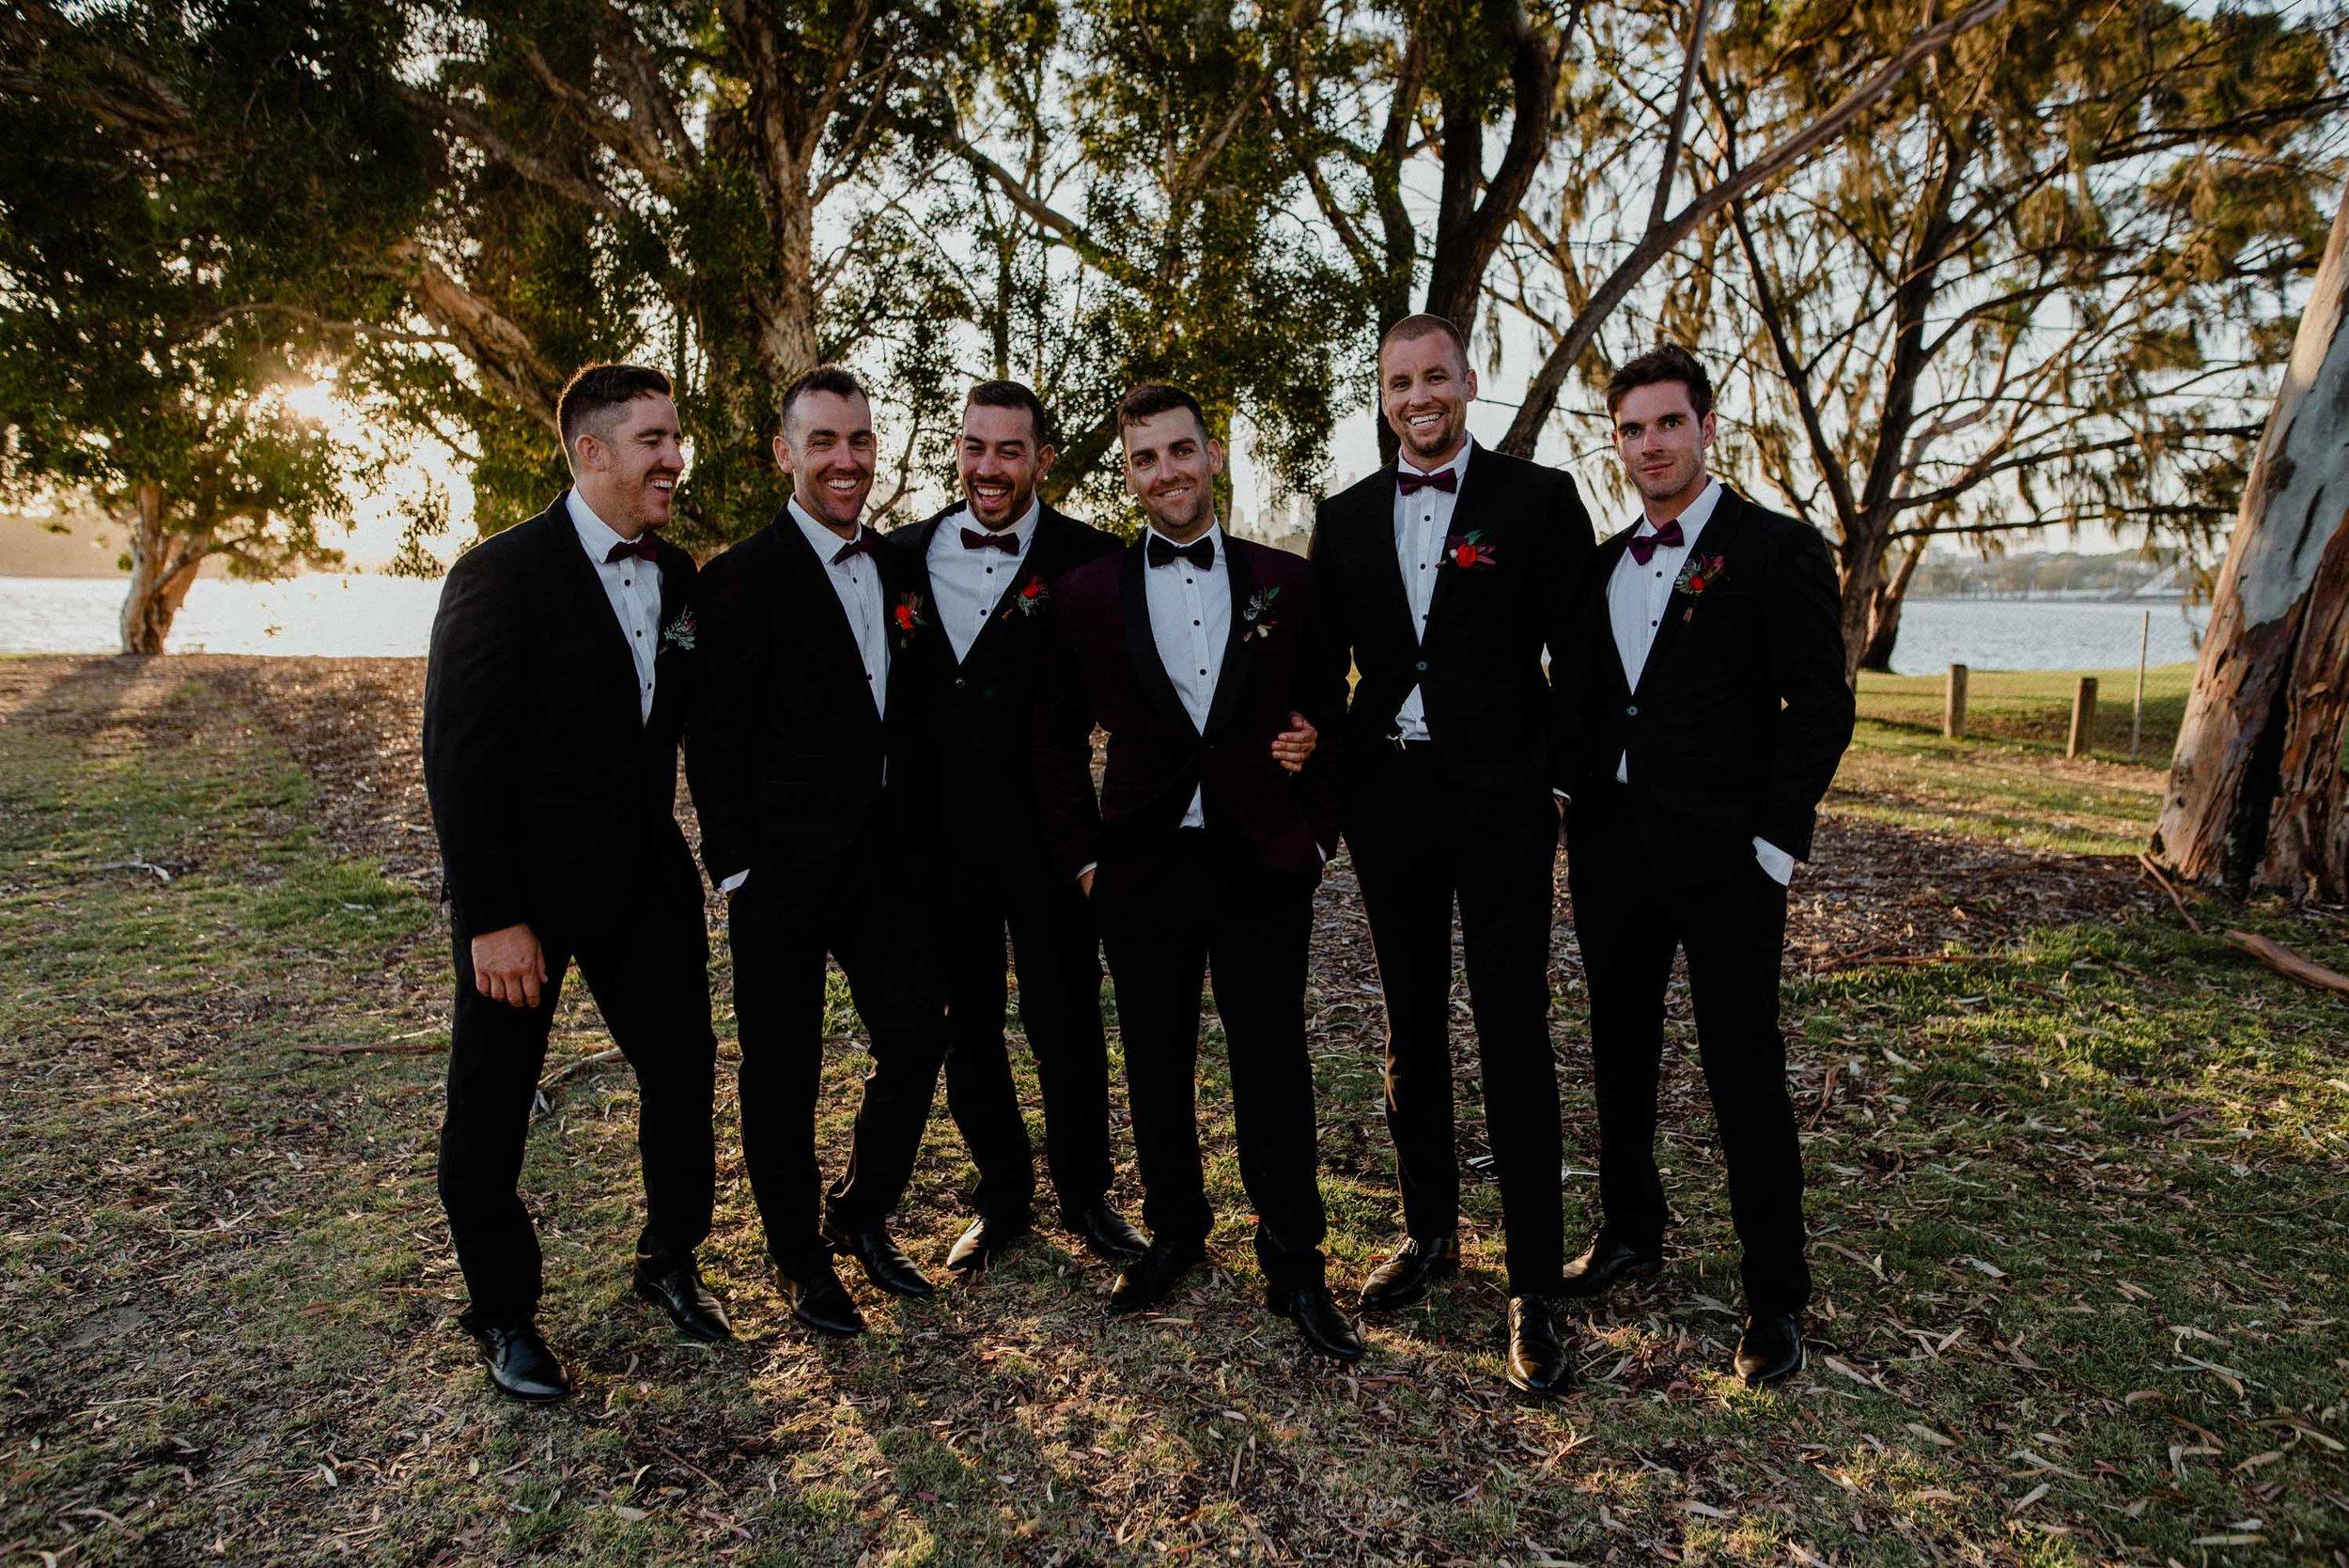 liz-adin-burswood-swan-wedding-sneaks-34.JPG